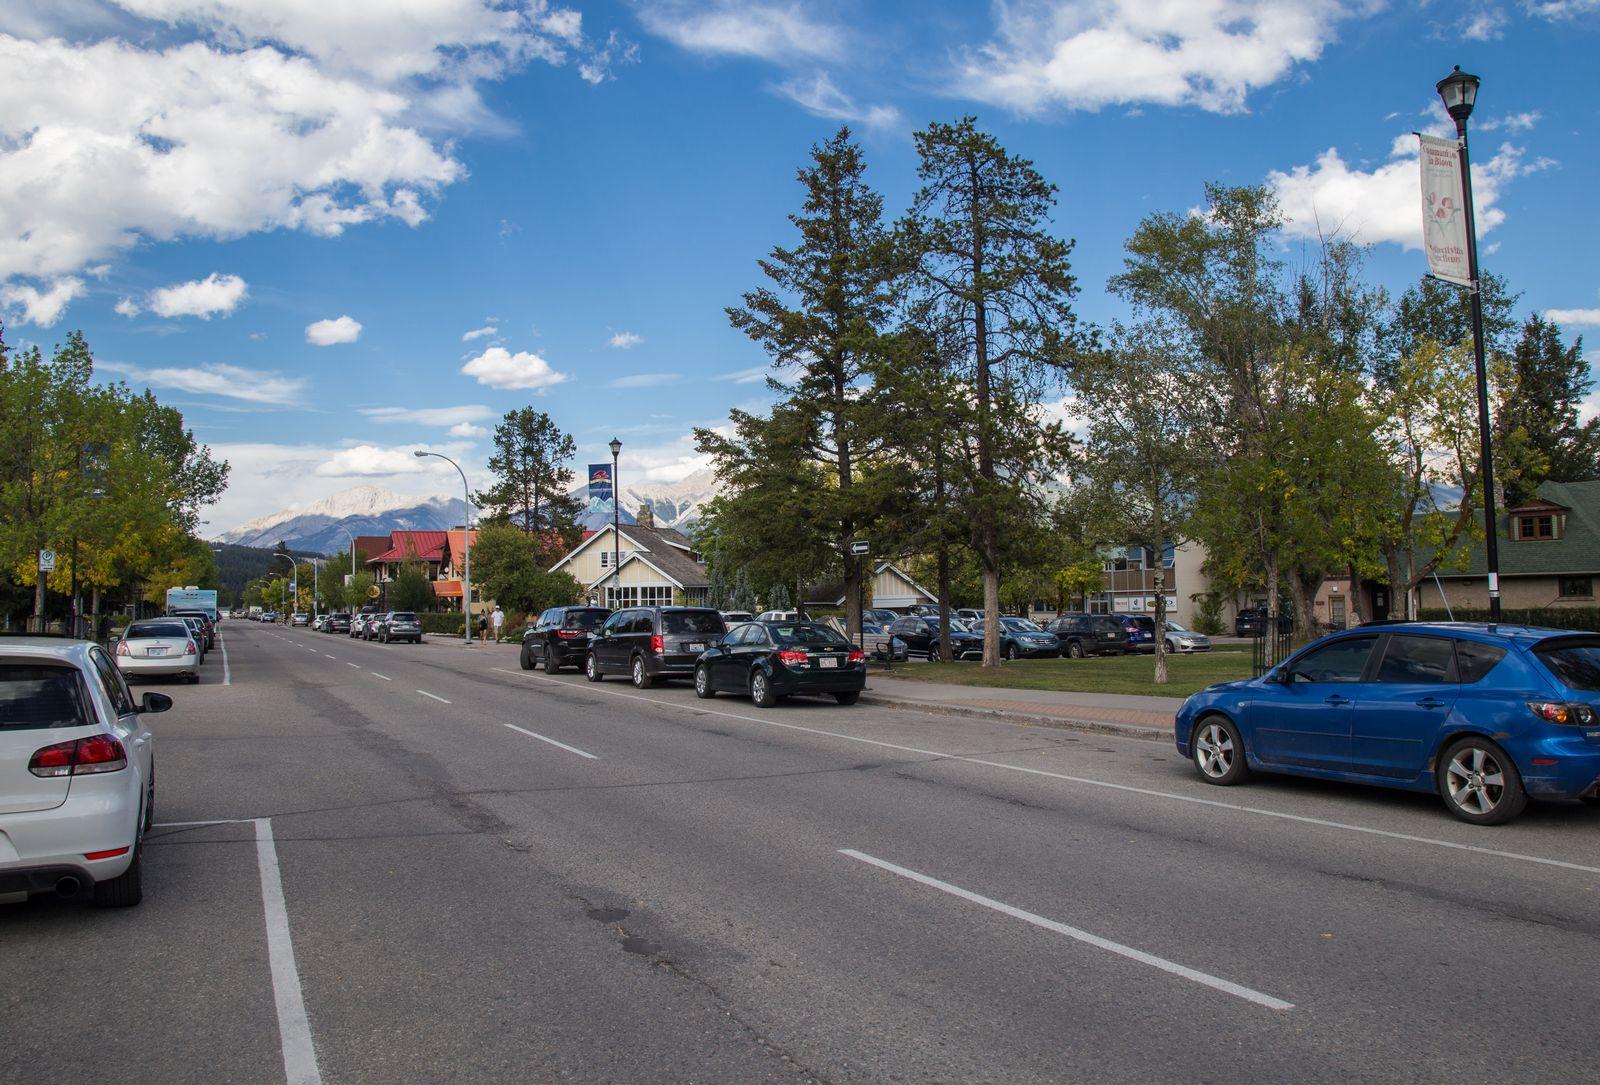 La calle donde casi se queda nuestro coche